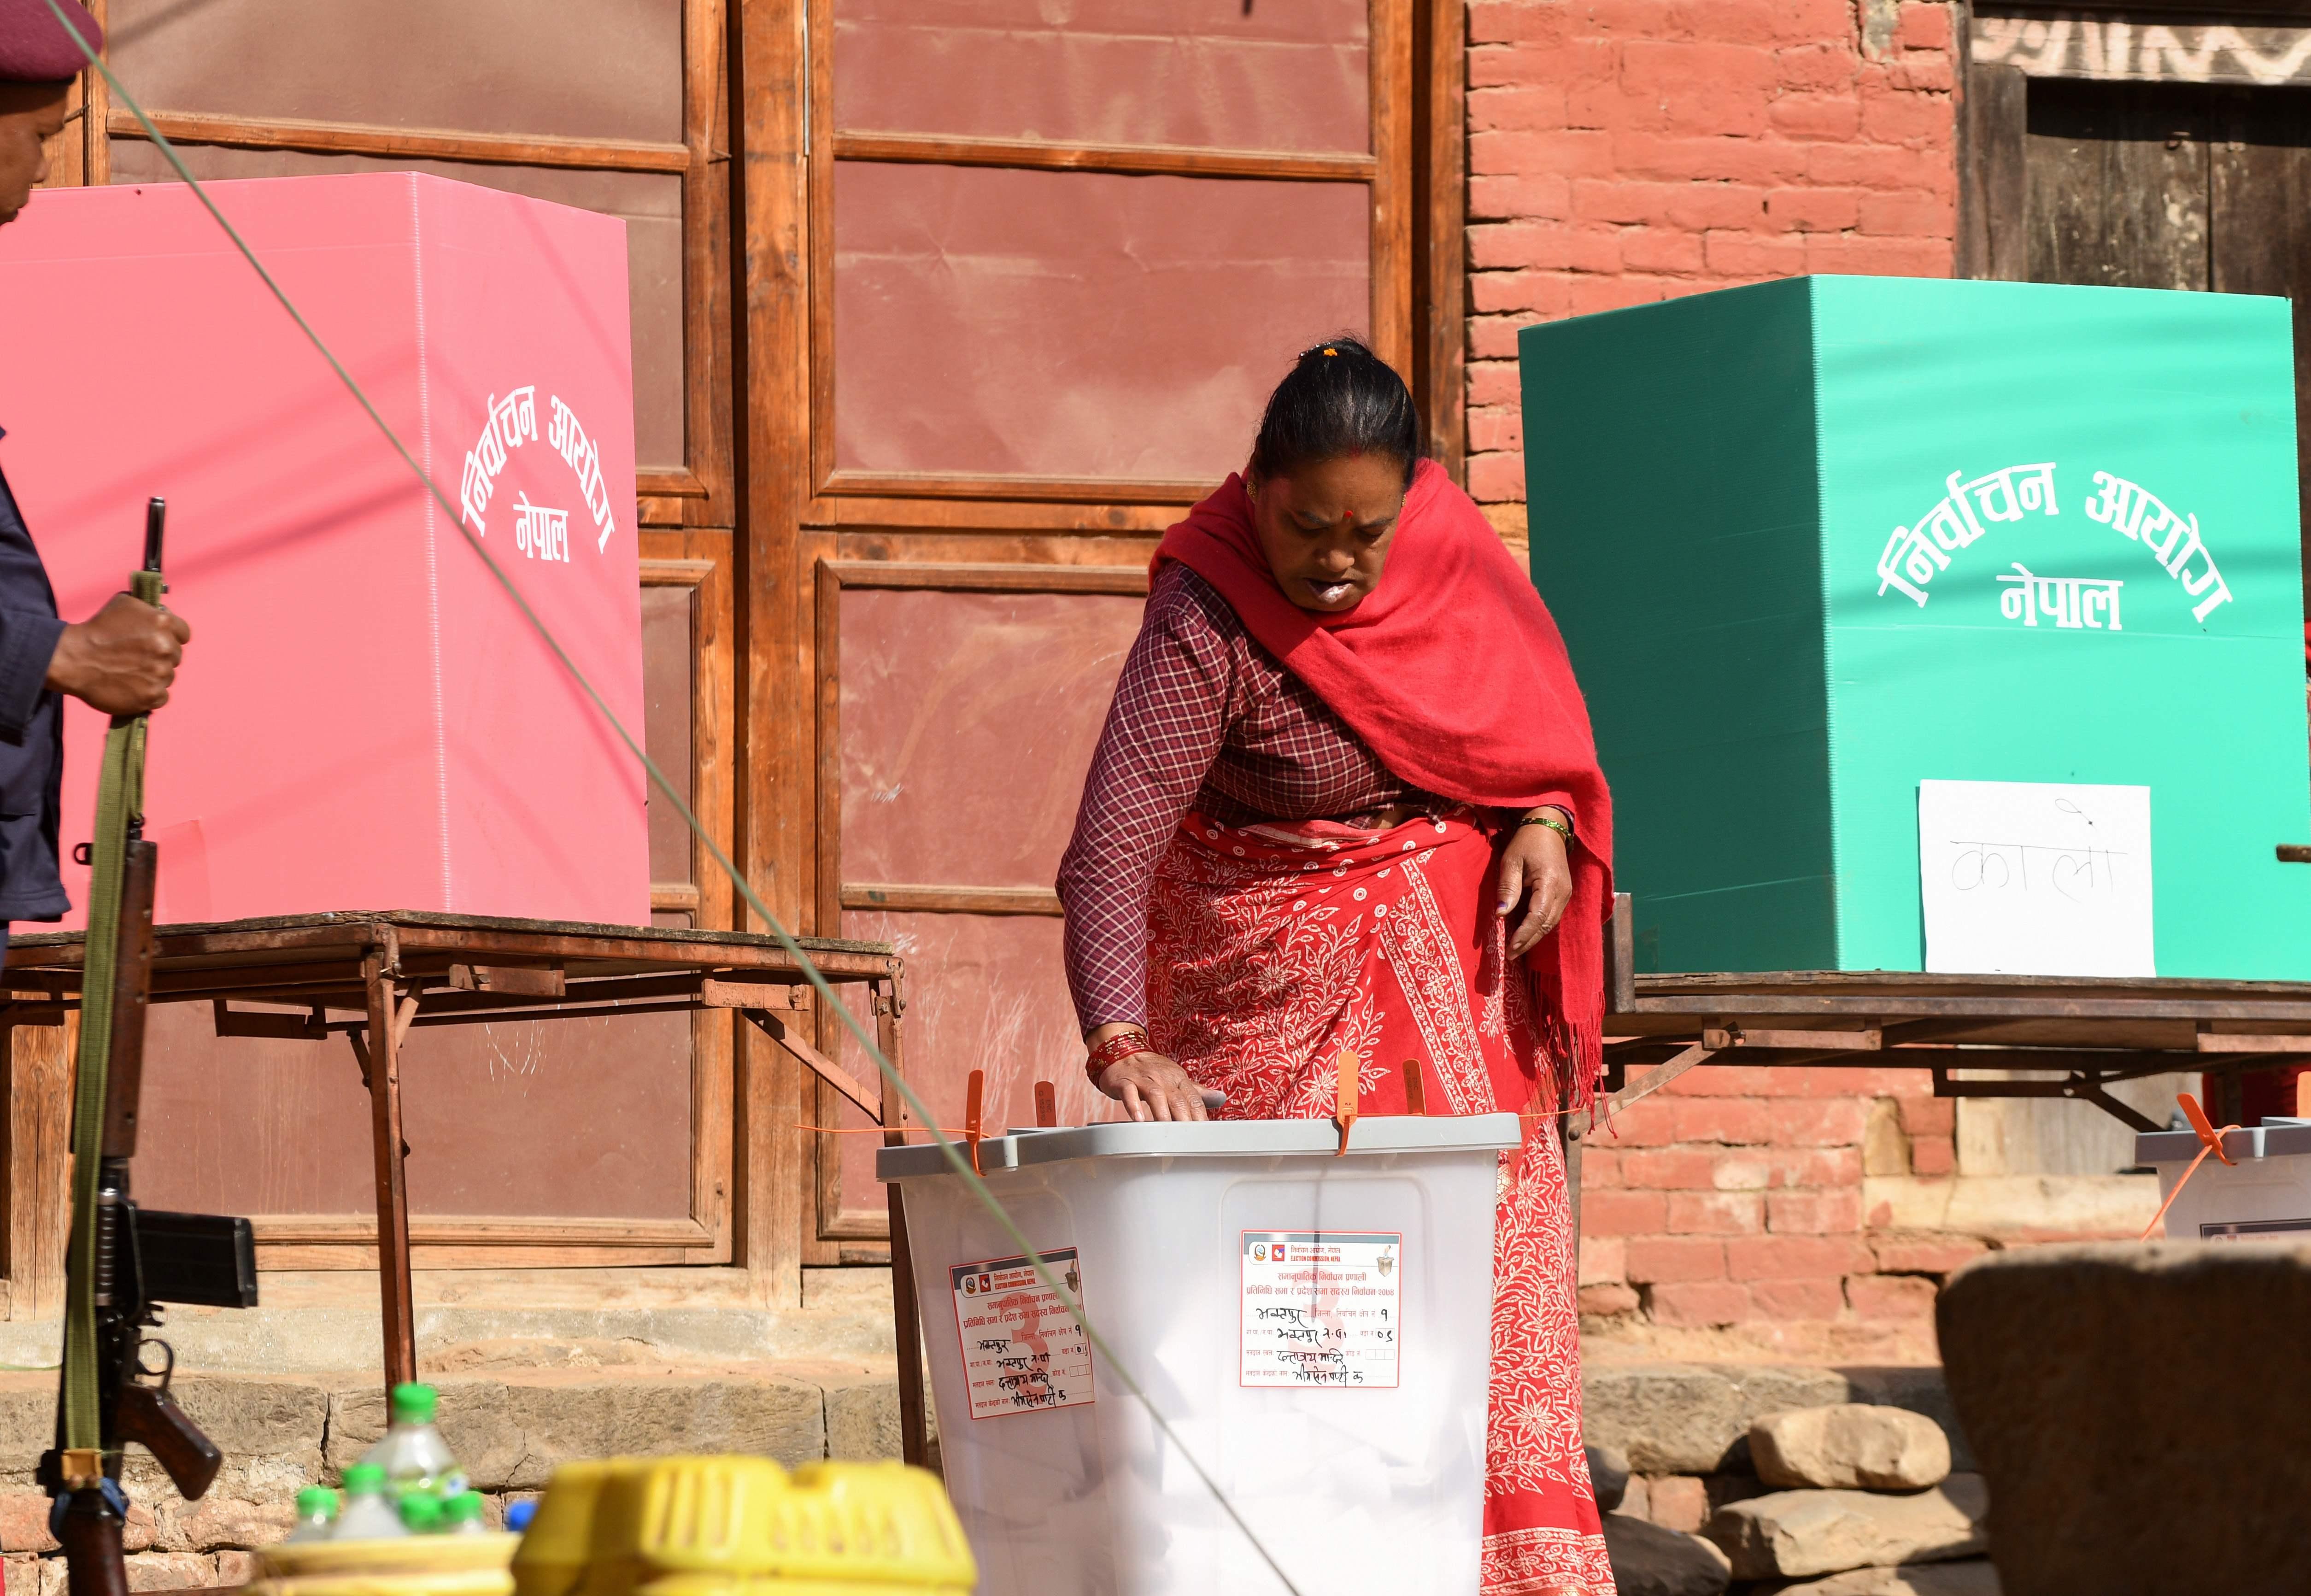 سيدة تشارك فى الانتخابات بنيبال